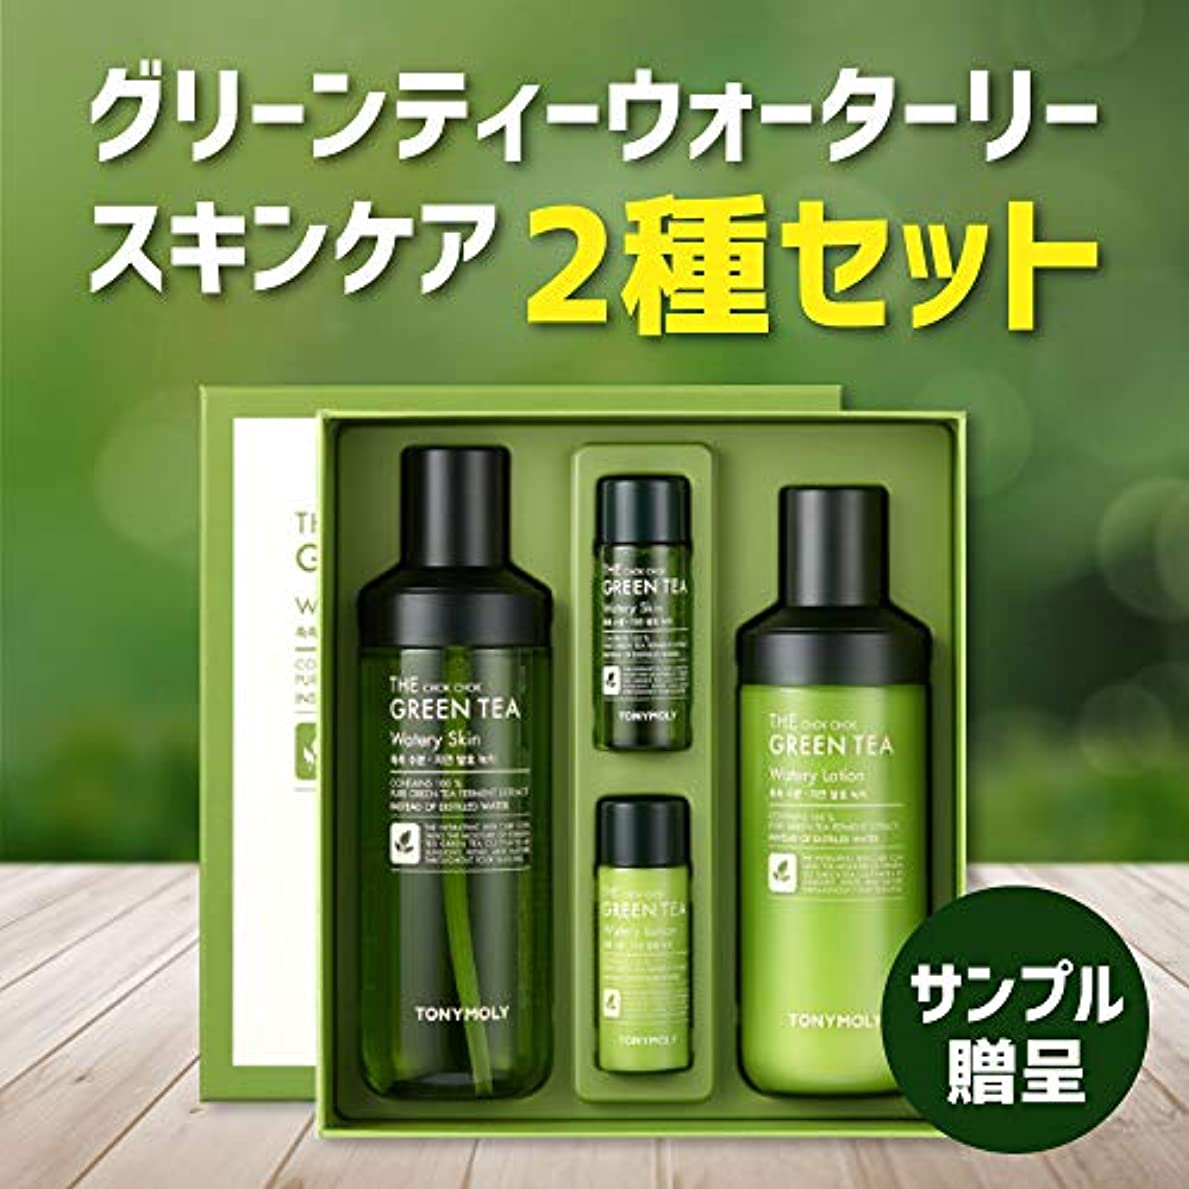 終わらせる移住する憂鬱TONYMOLY しっとり グリーン ティー 水分 化粧水 乳液 セット 抹茶 The Chok Chok Green Tea Watery Skin